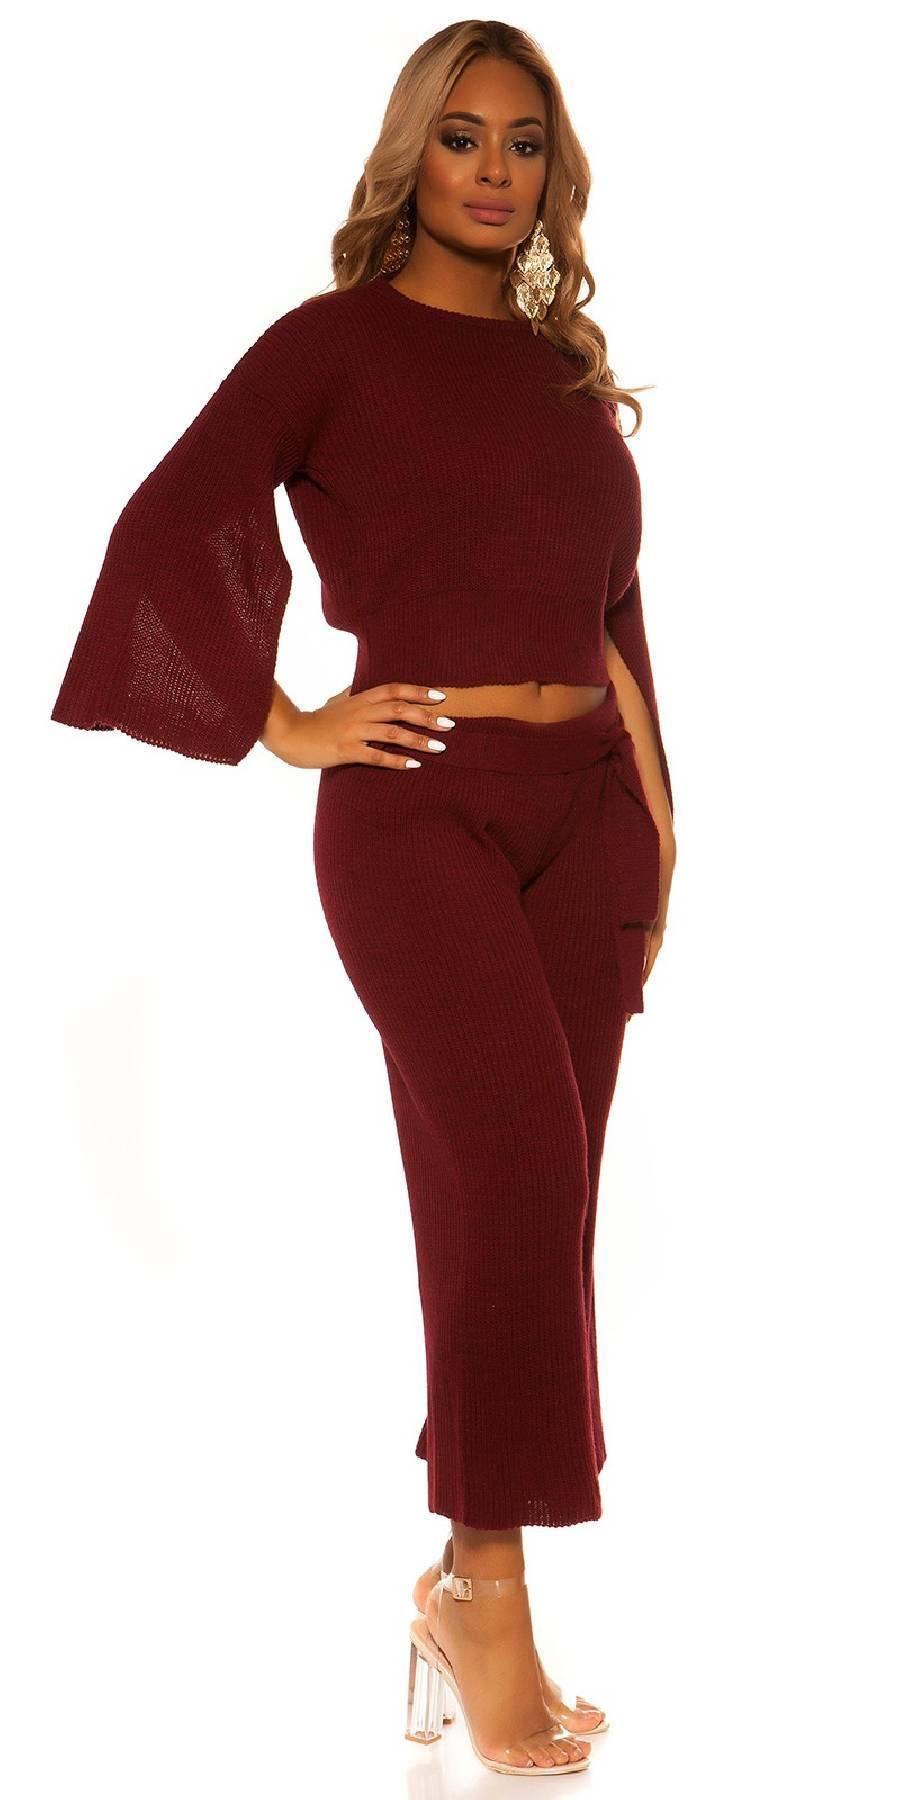 Robe sexy femme fashion ERITA couleur corail